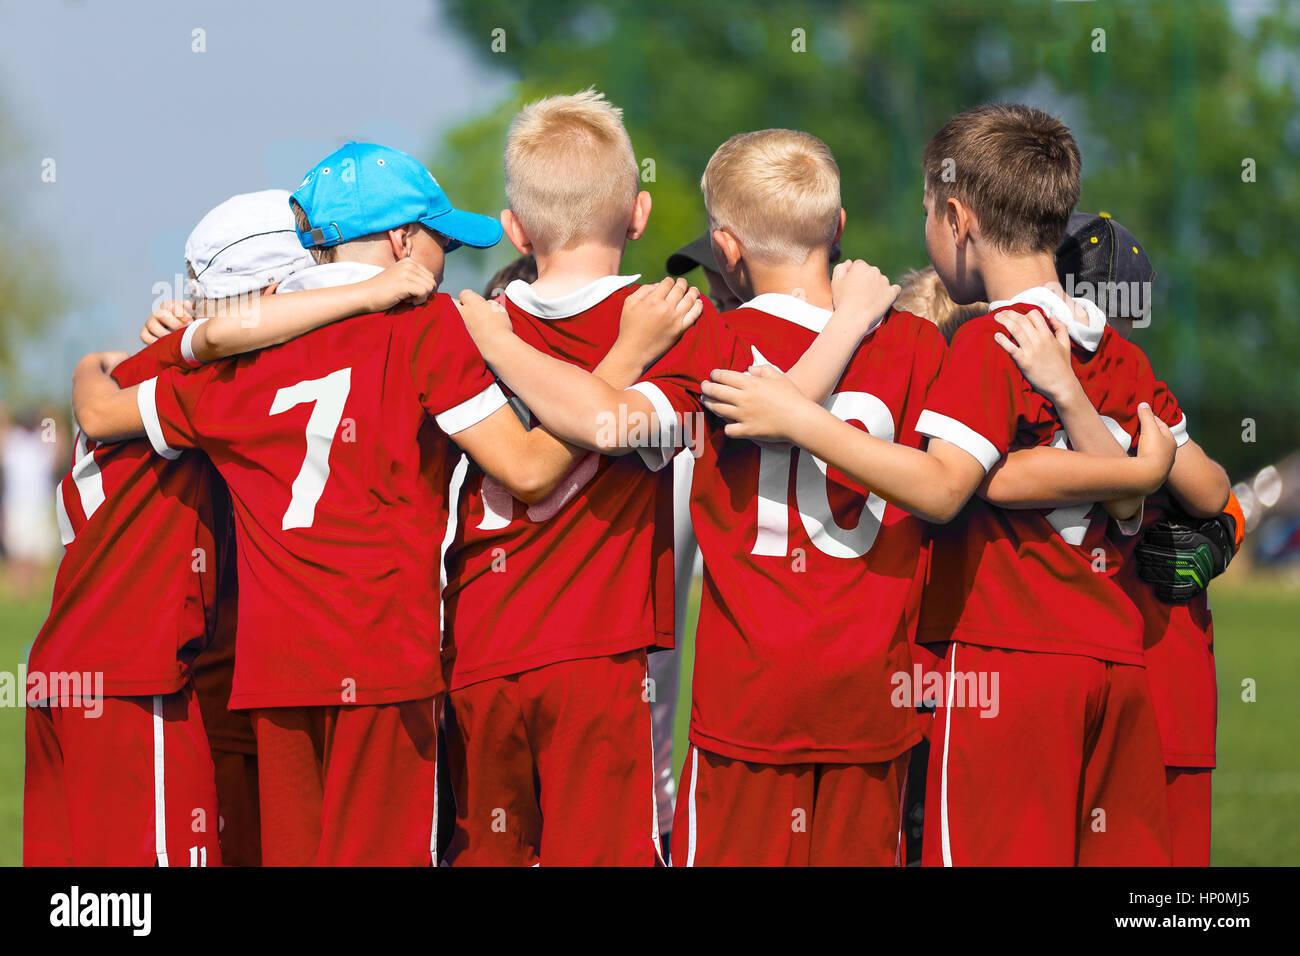 L Equipe De Soccer Des Enfants Les Enfants De L Academie De